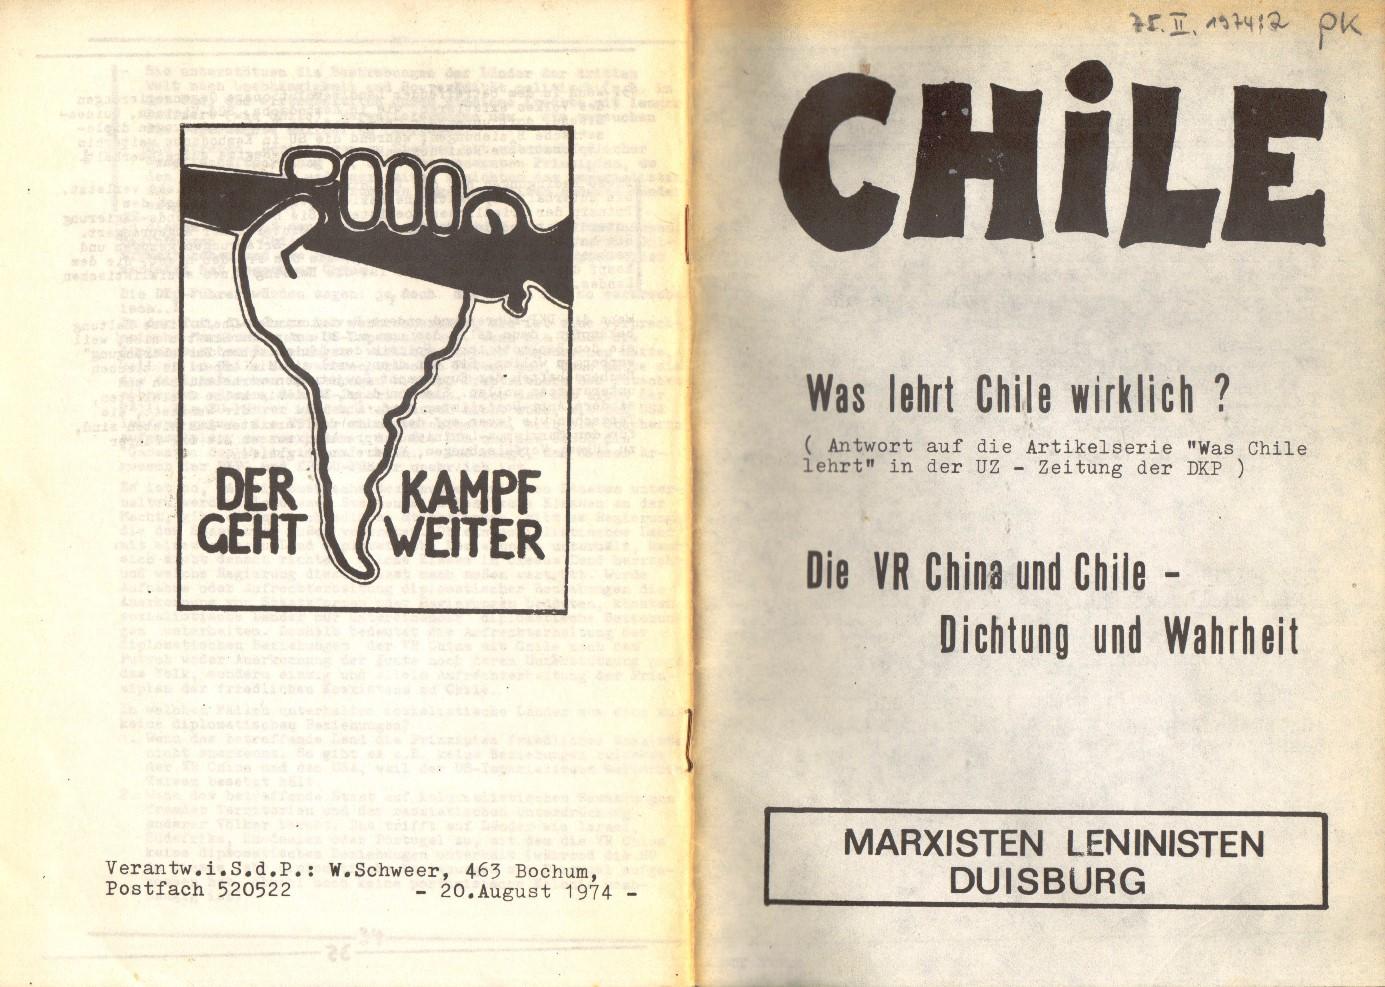 Duisburg_ML_1974_Was_lehrt_Chile_wirklich_00